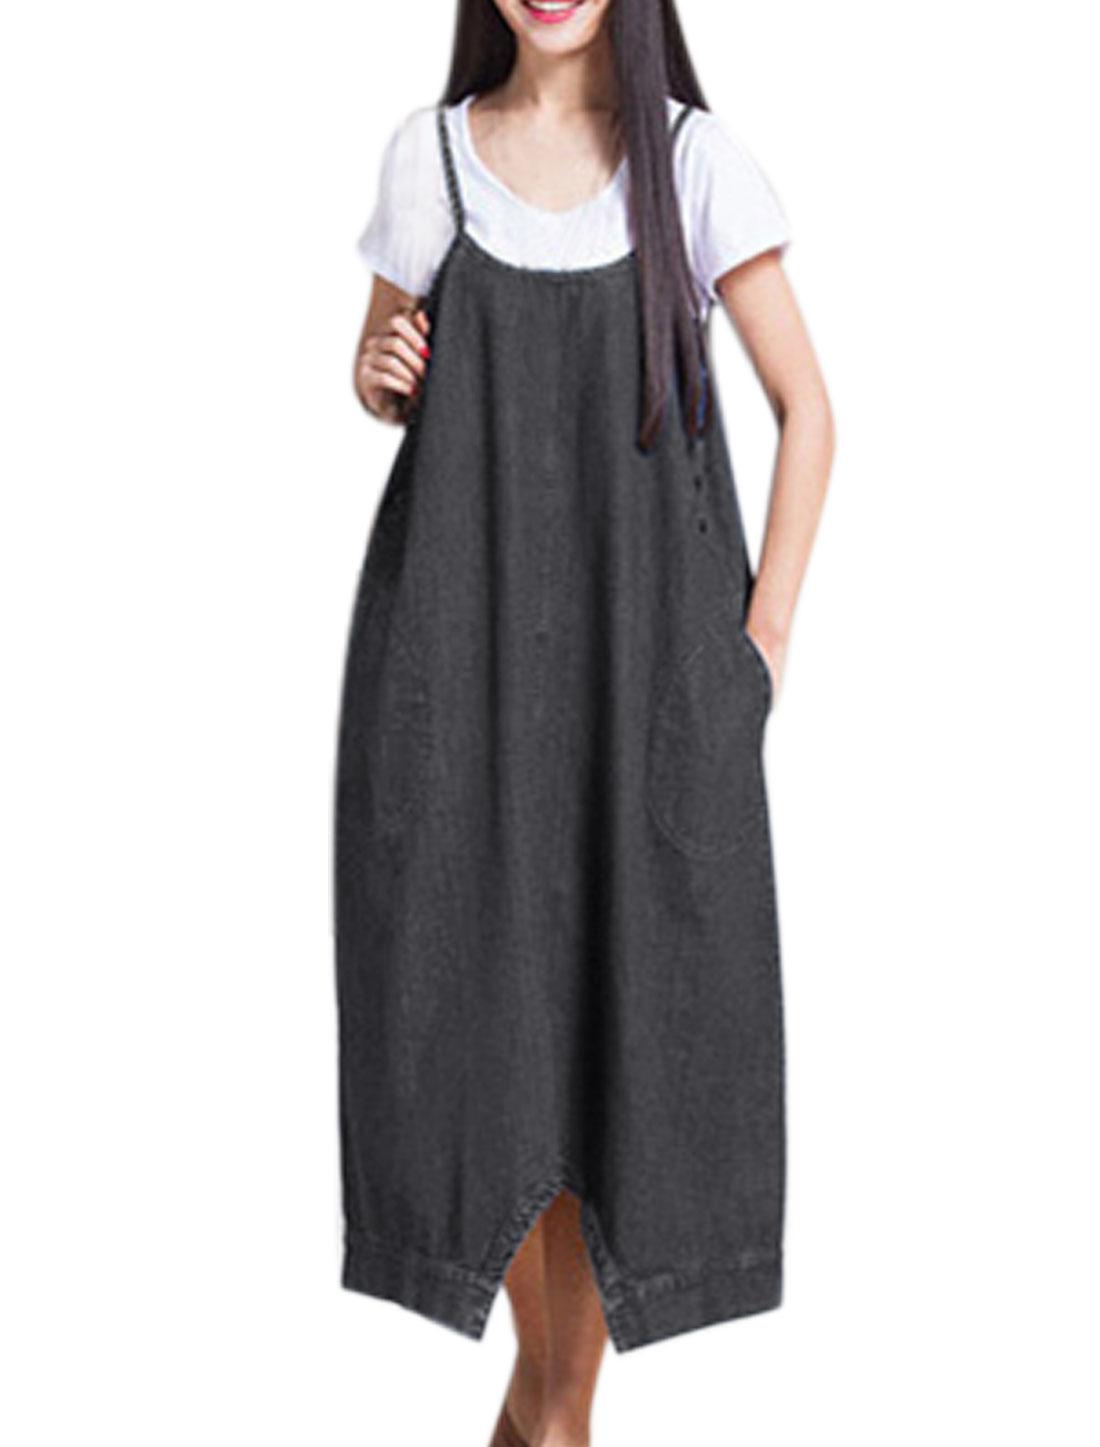 Women Two-Way Wearing Sleeveless Oversize Jean Dress Black S